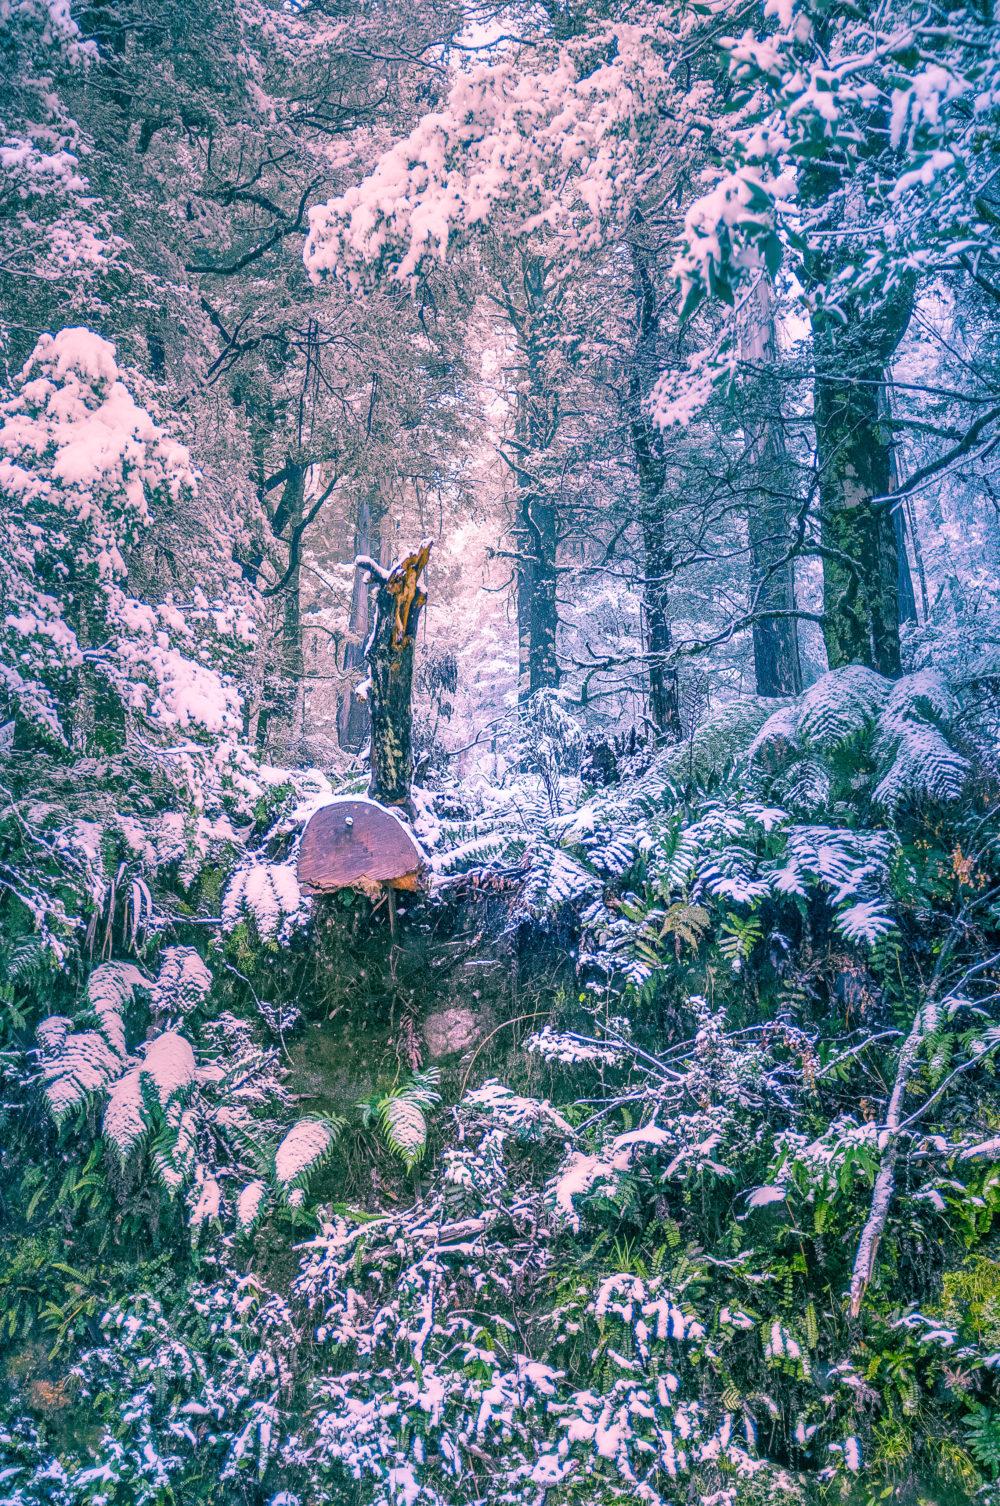 Heavy snowfall in eucalyptus forest